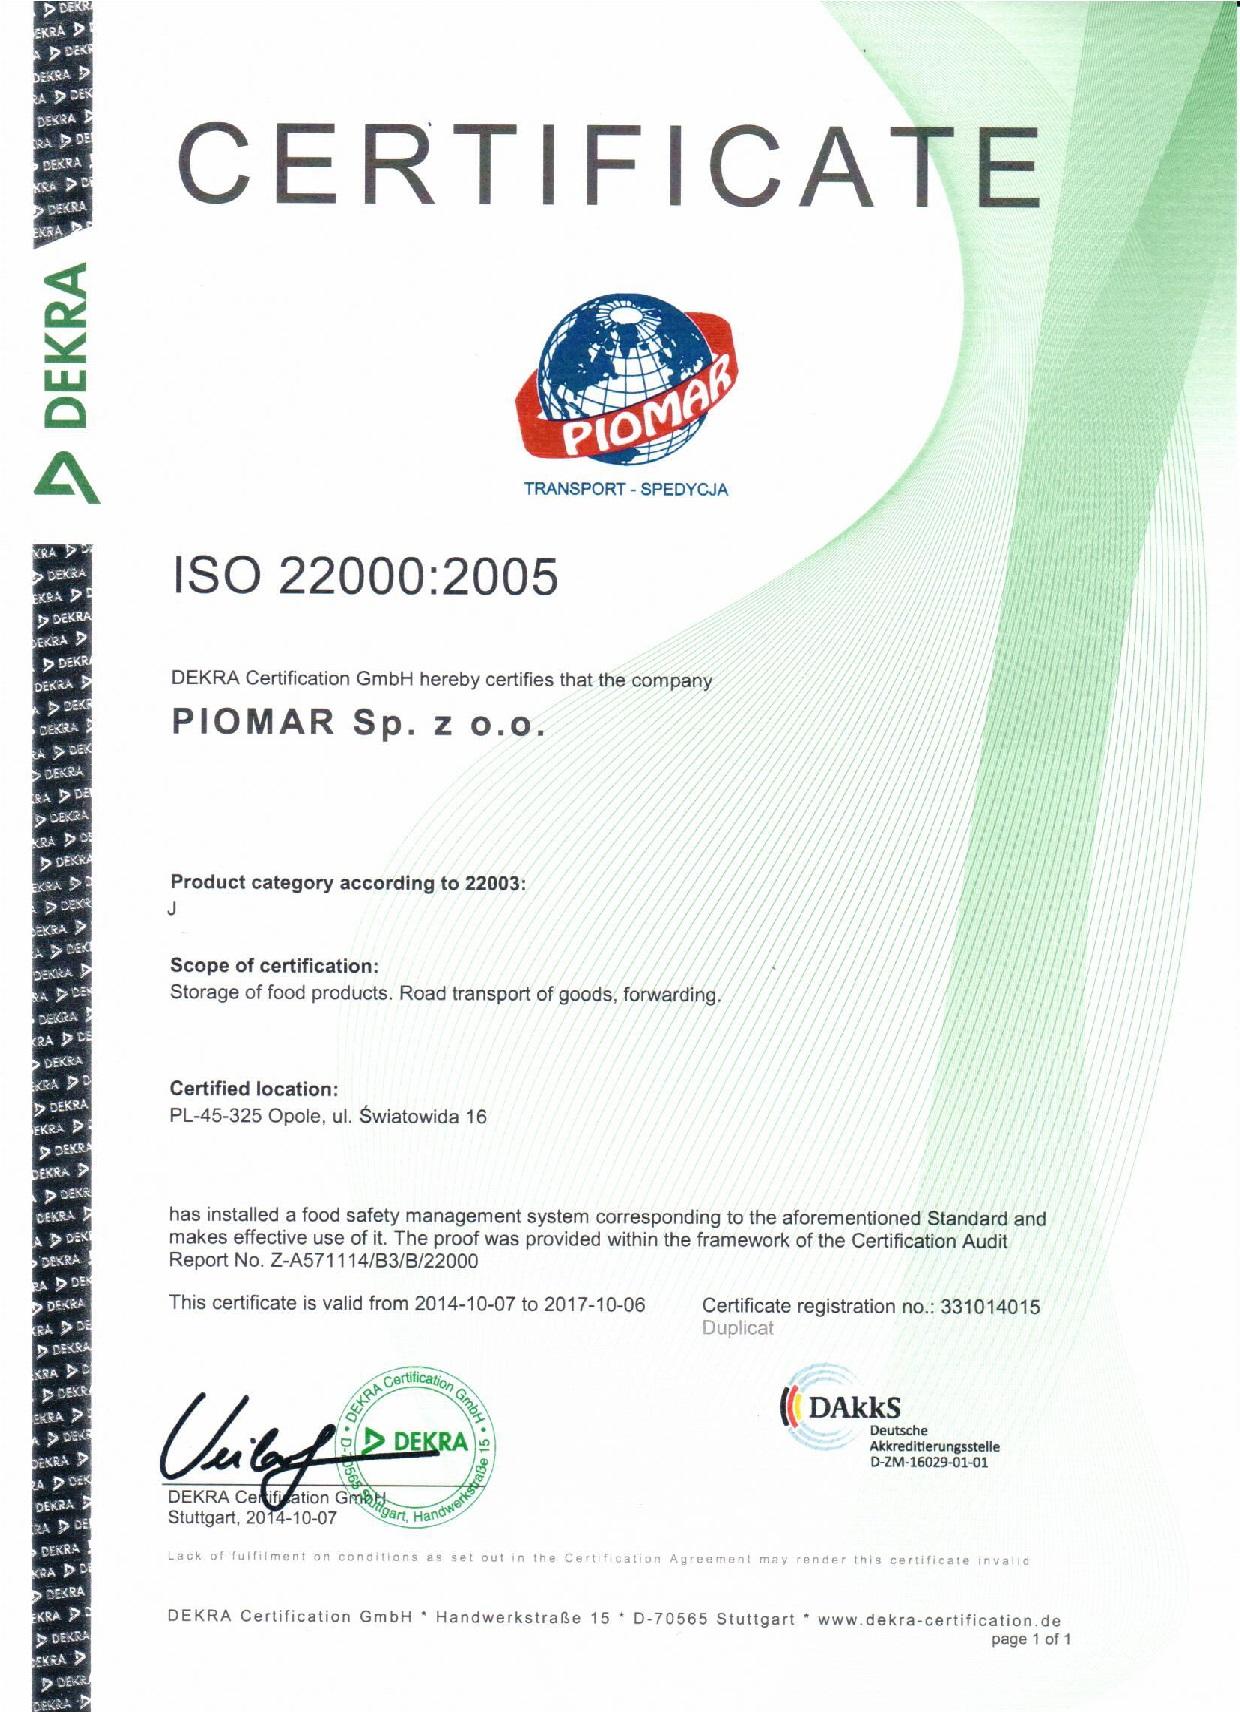 ISO 22000:2005 Certificate for PIOMAR! - PIOMAR - Transport